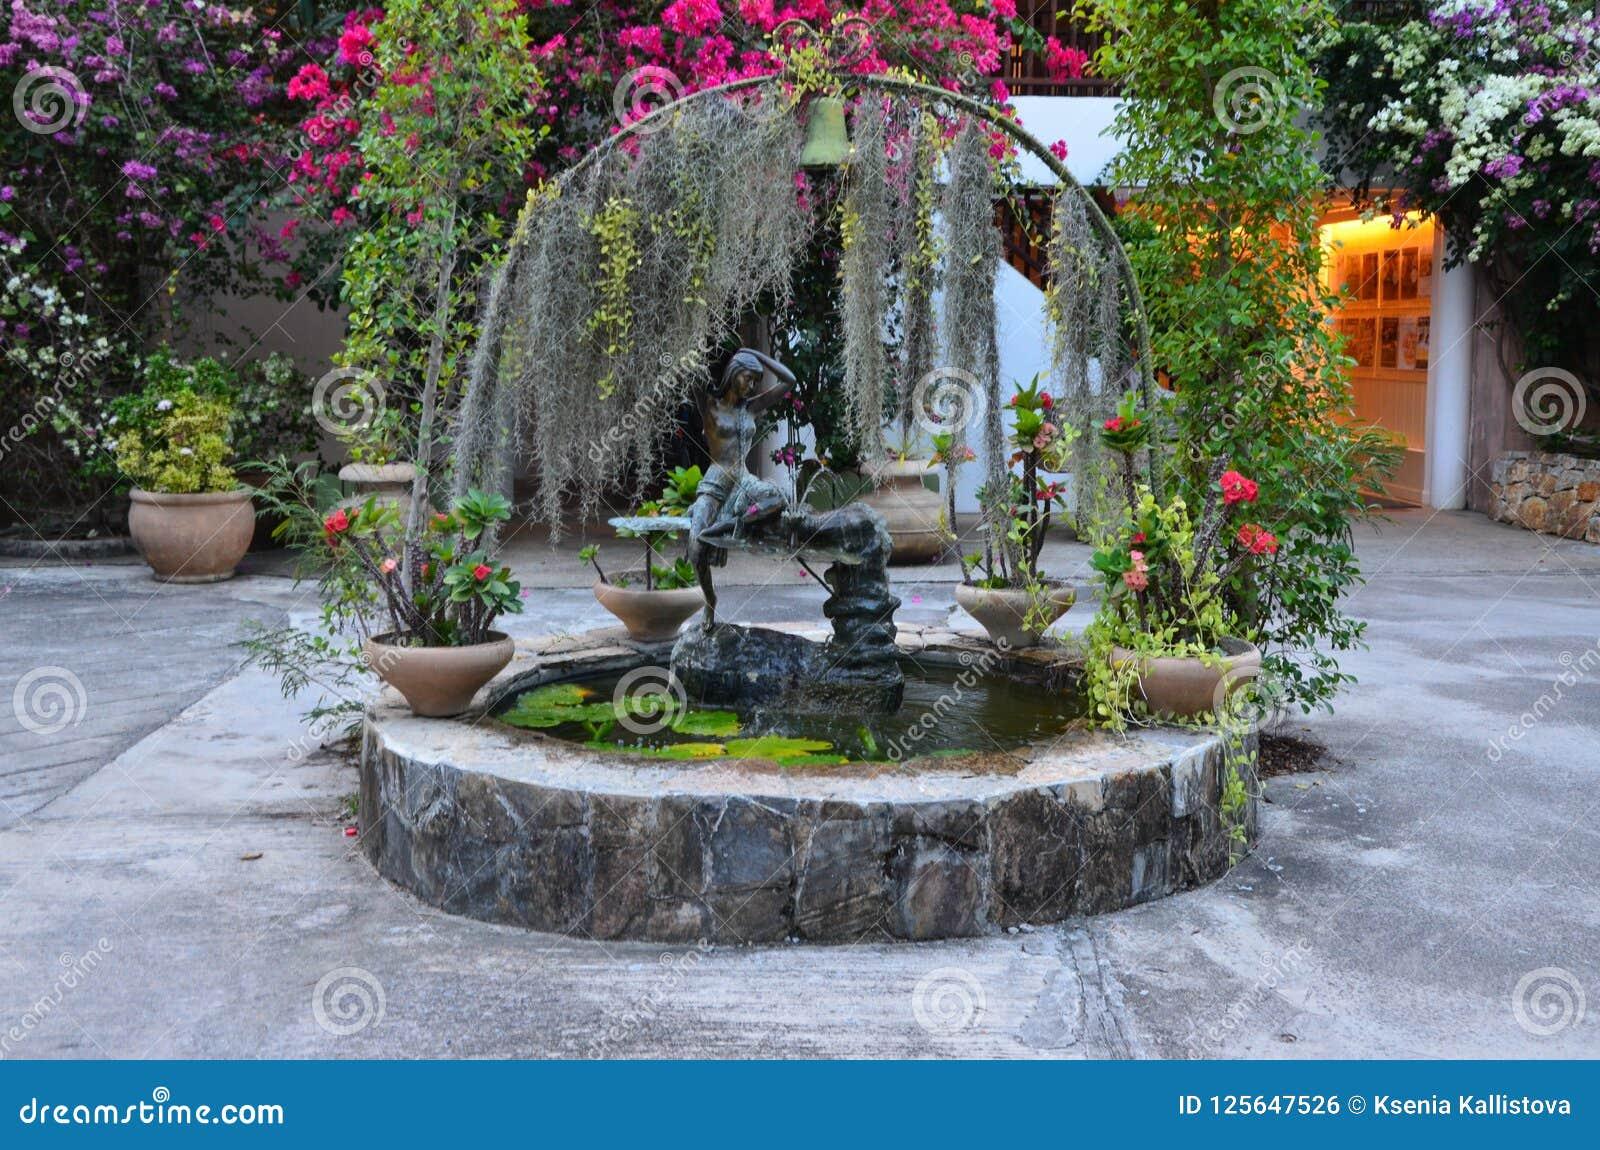 Fontain mit Blumen und Bäumen um es